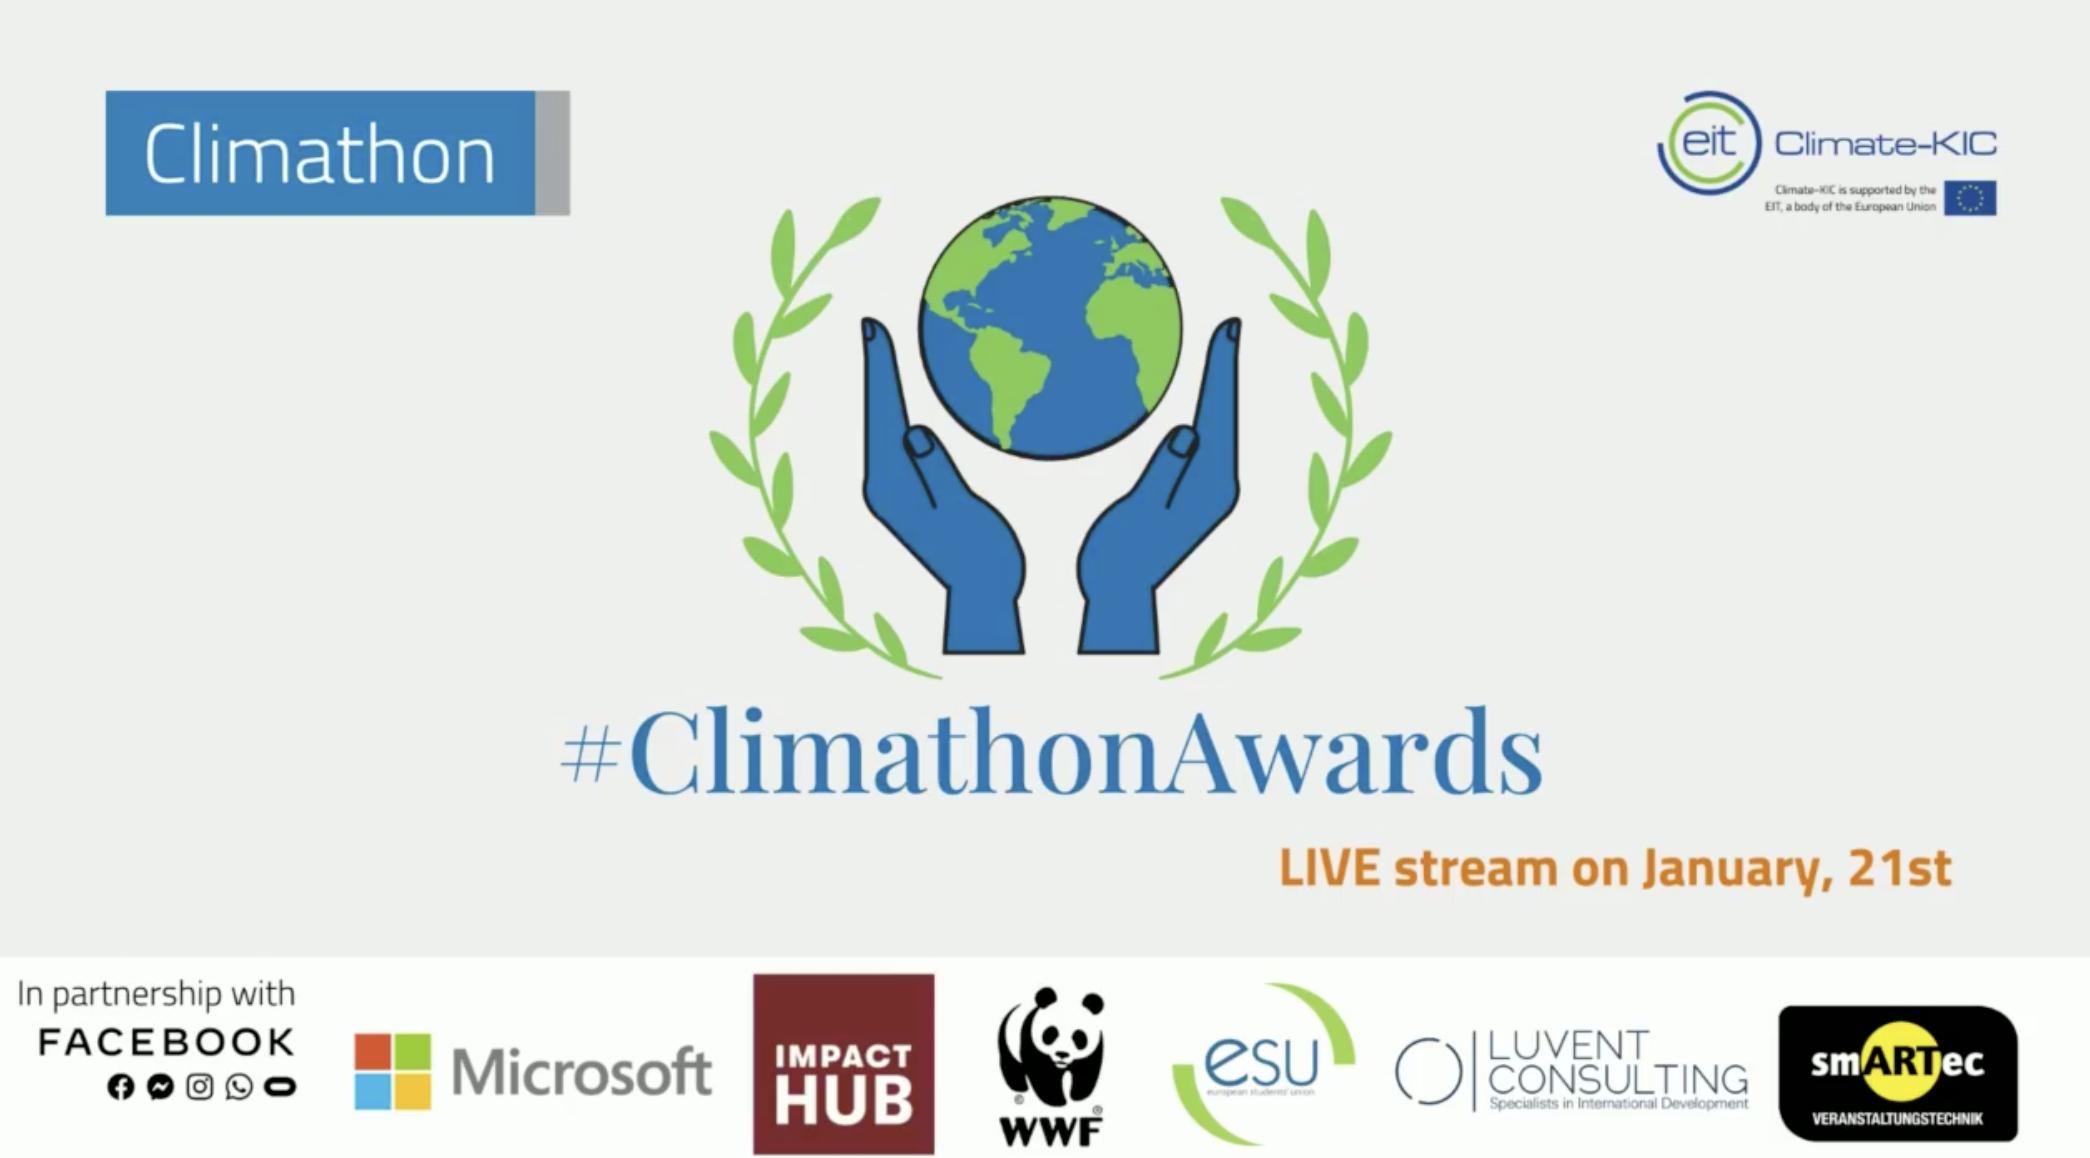 Climathon Awards